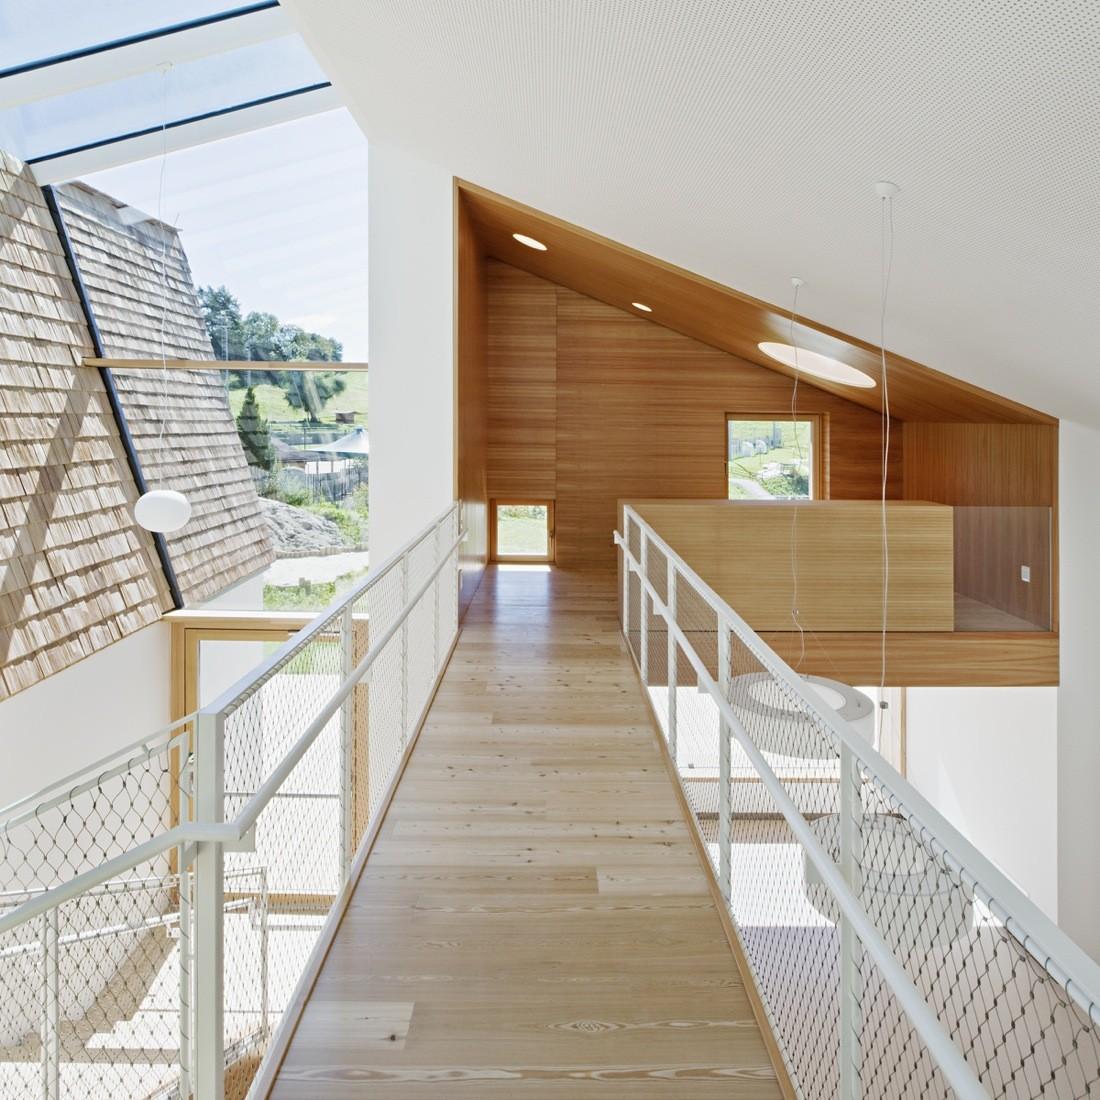 Gallery of kindergarten terenten feld72 8 for Entice architecture interior designs